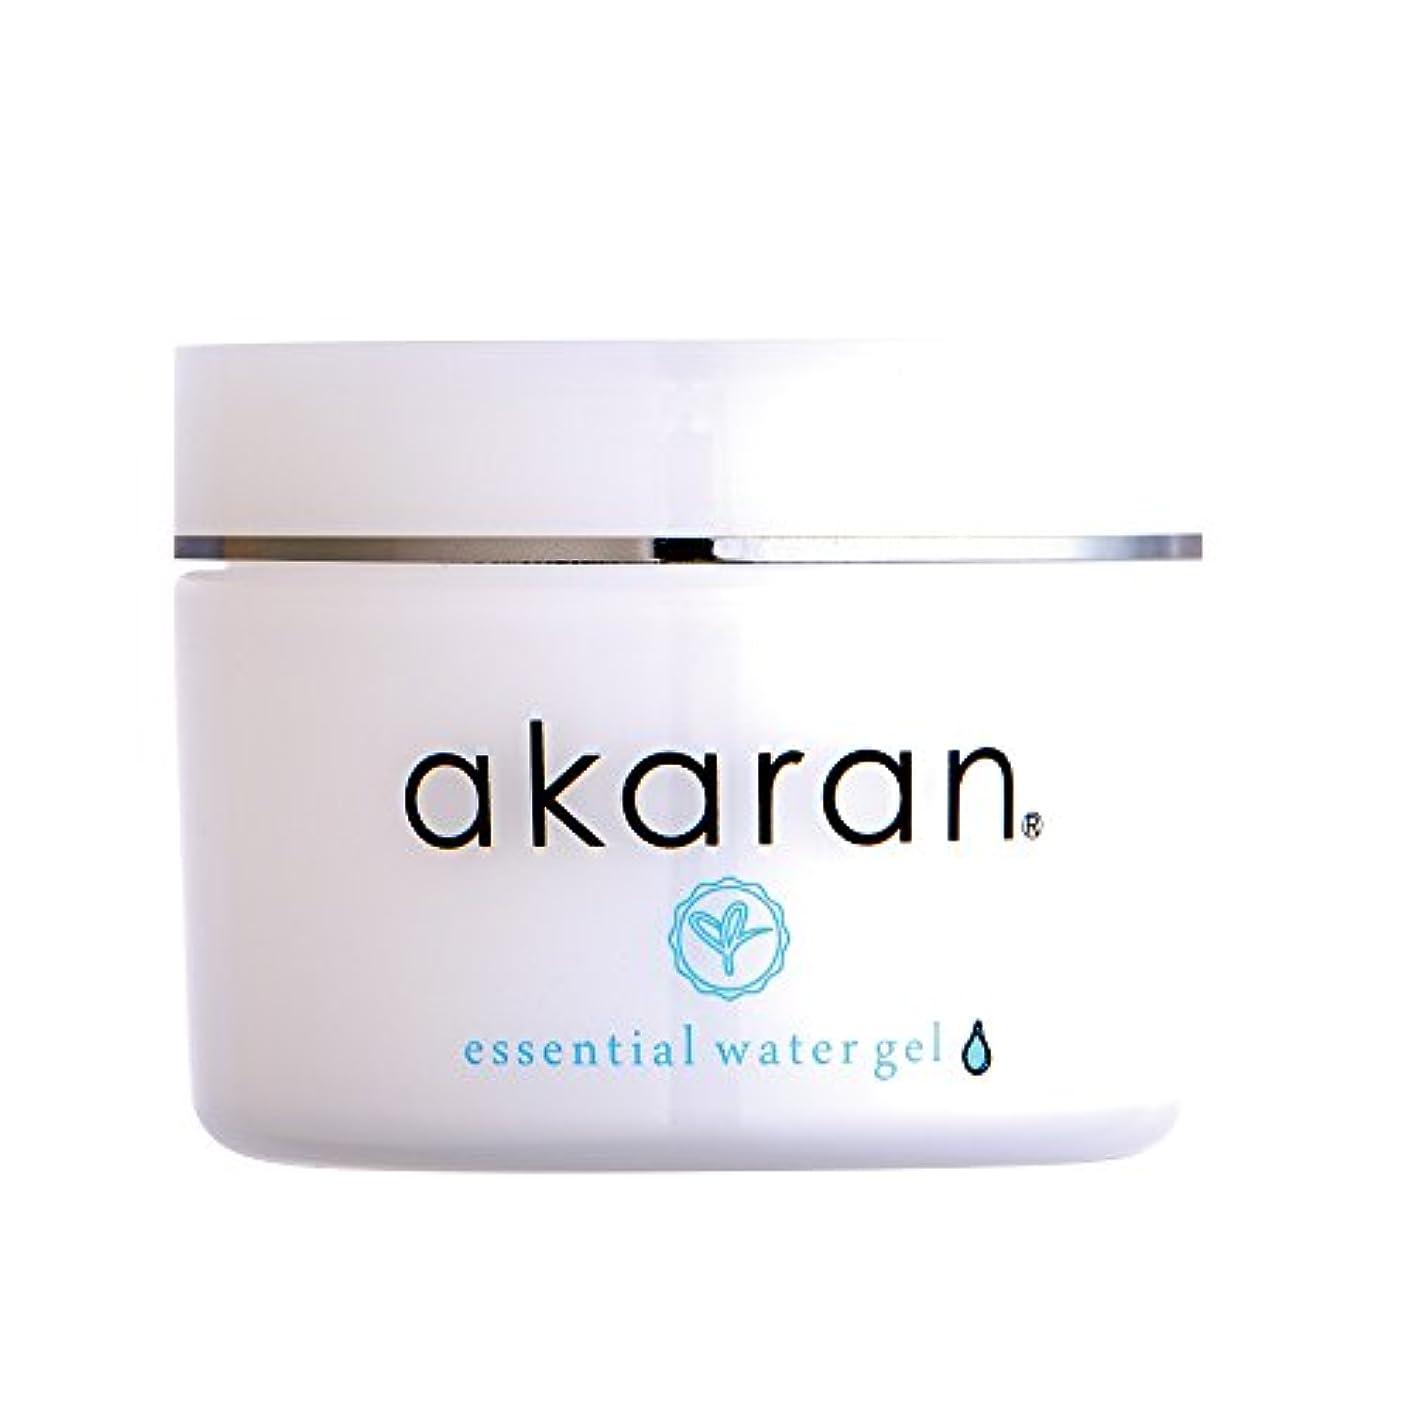 戸惑う糞方程式アカラン エッセンシャルウォータージェル 50g オイルフリー 美容成分 無添加 高保湿オールインワン 敏感肌 乾燥肌